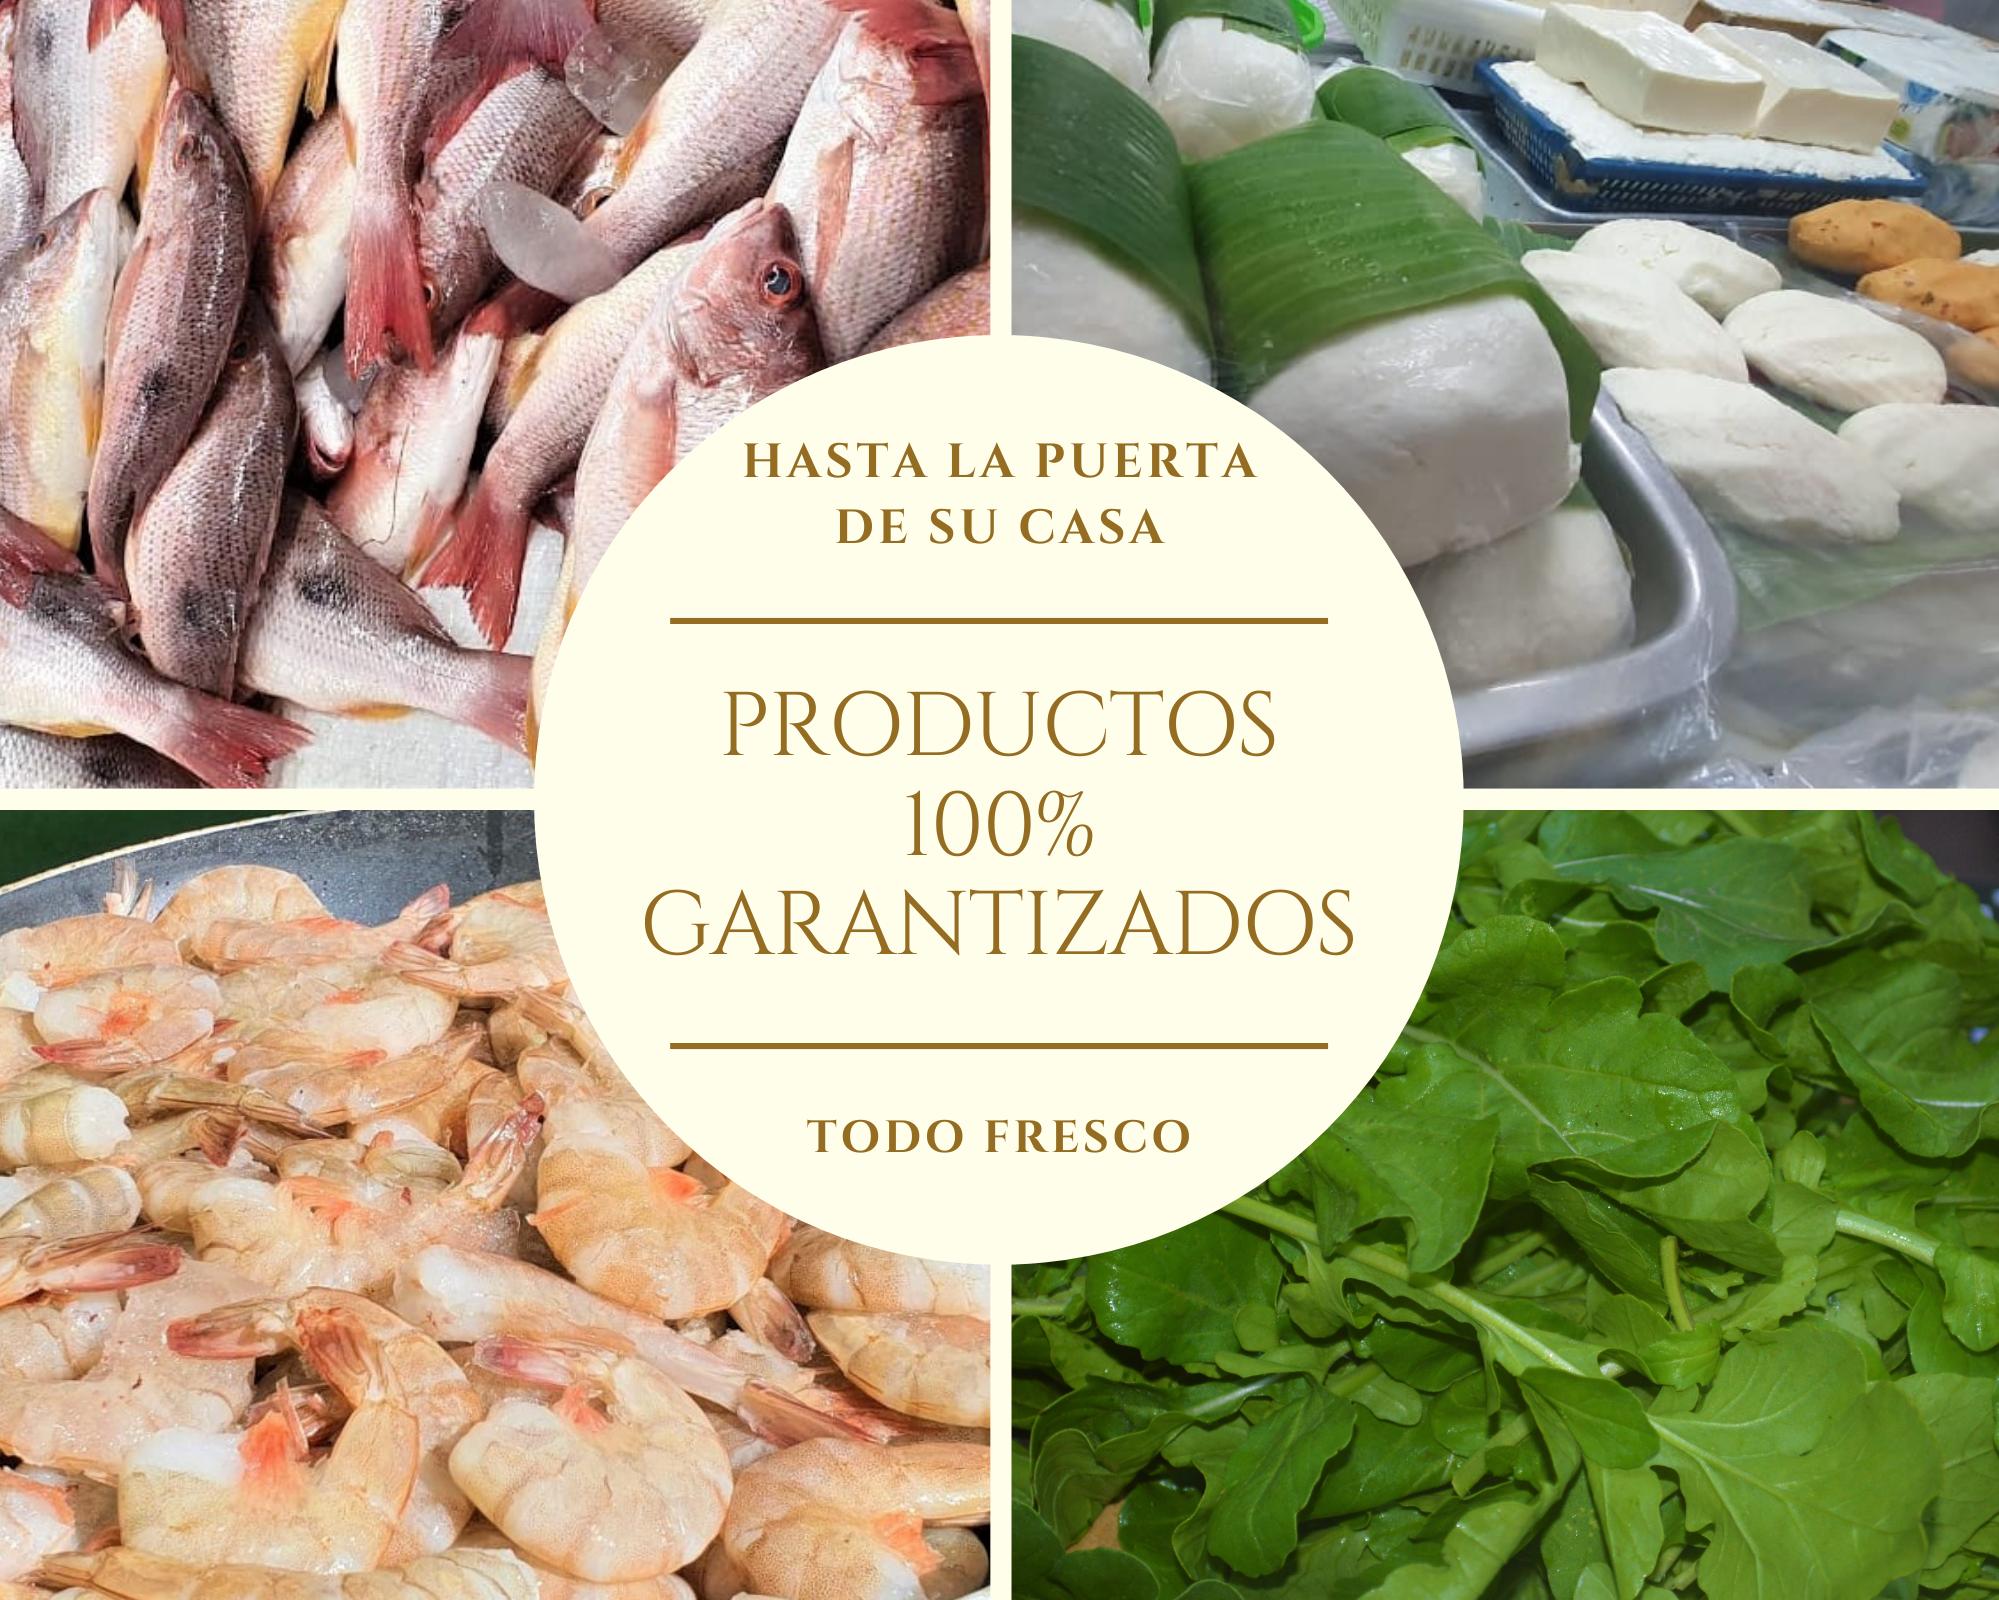 Venta de Productos Frescos El Salvador